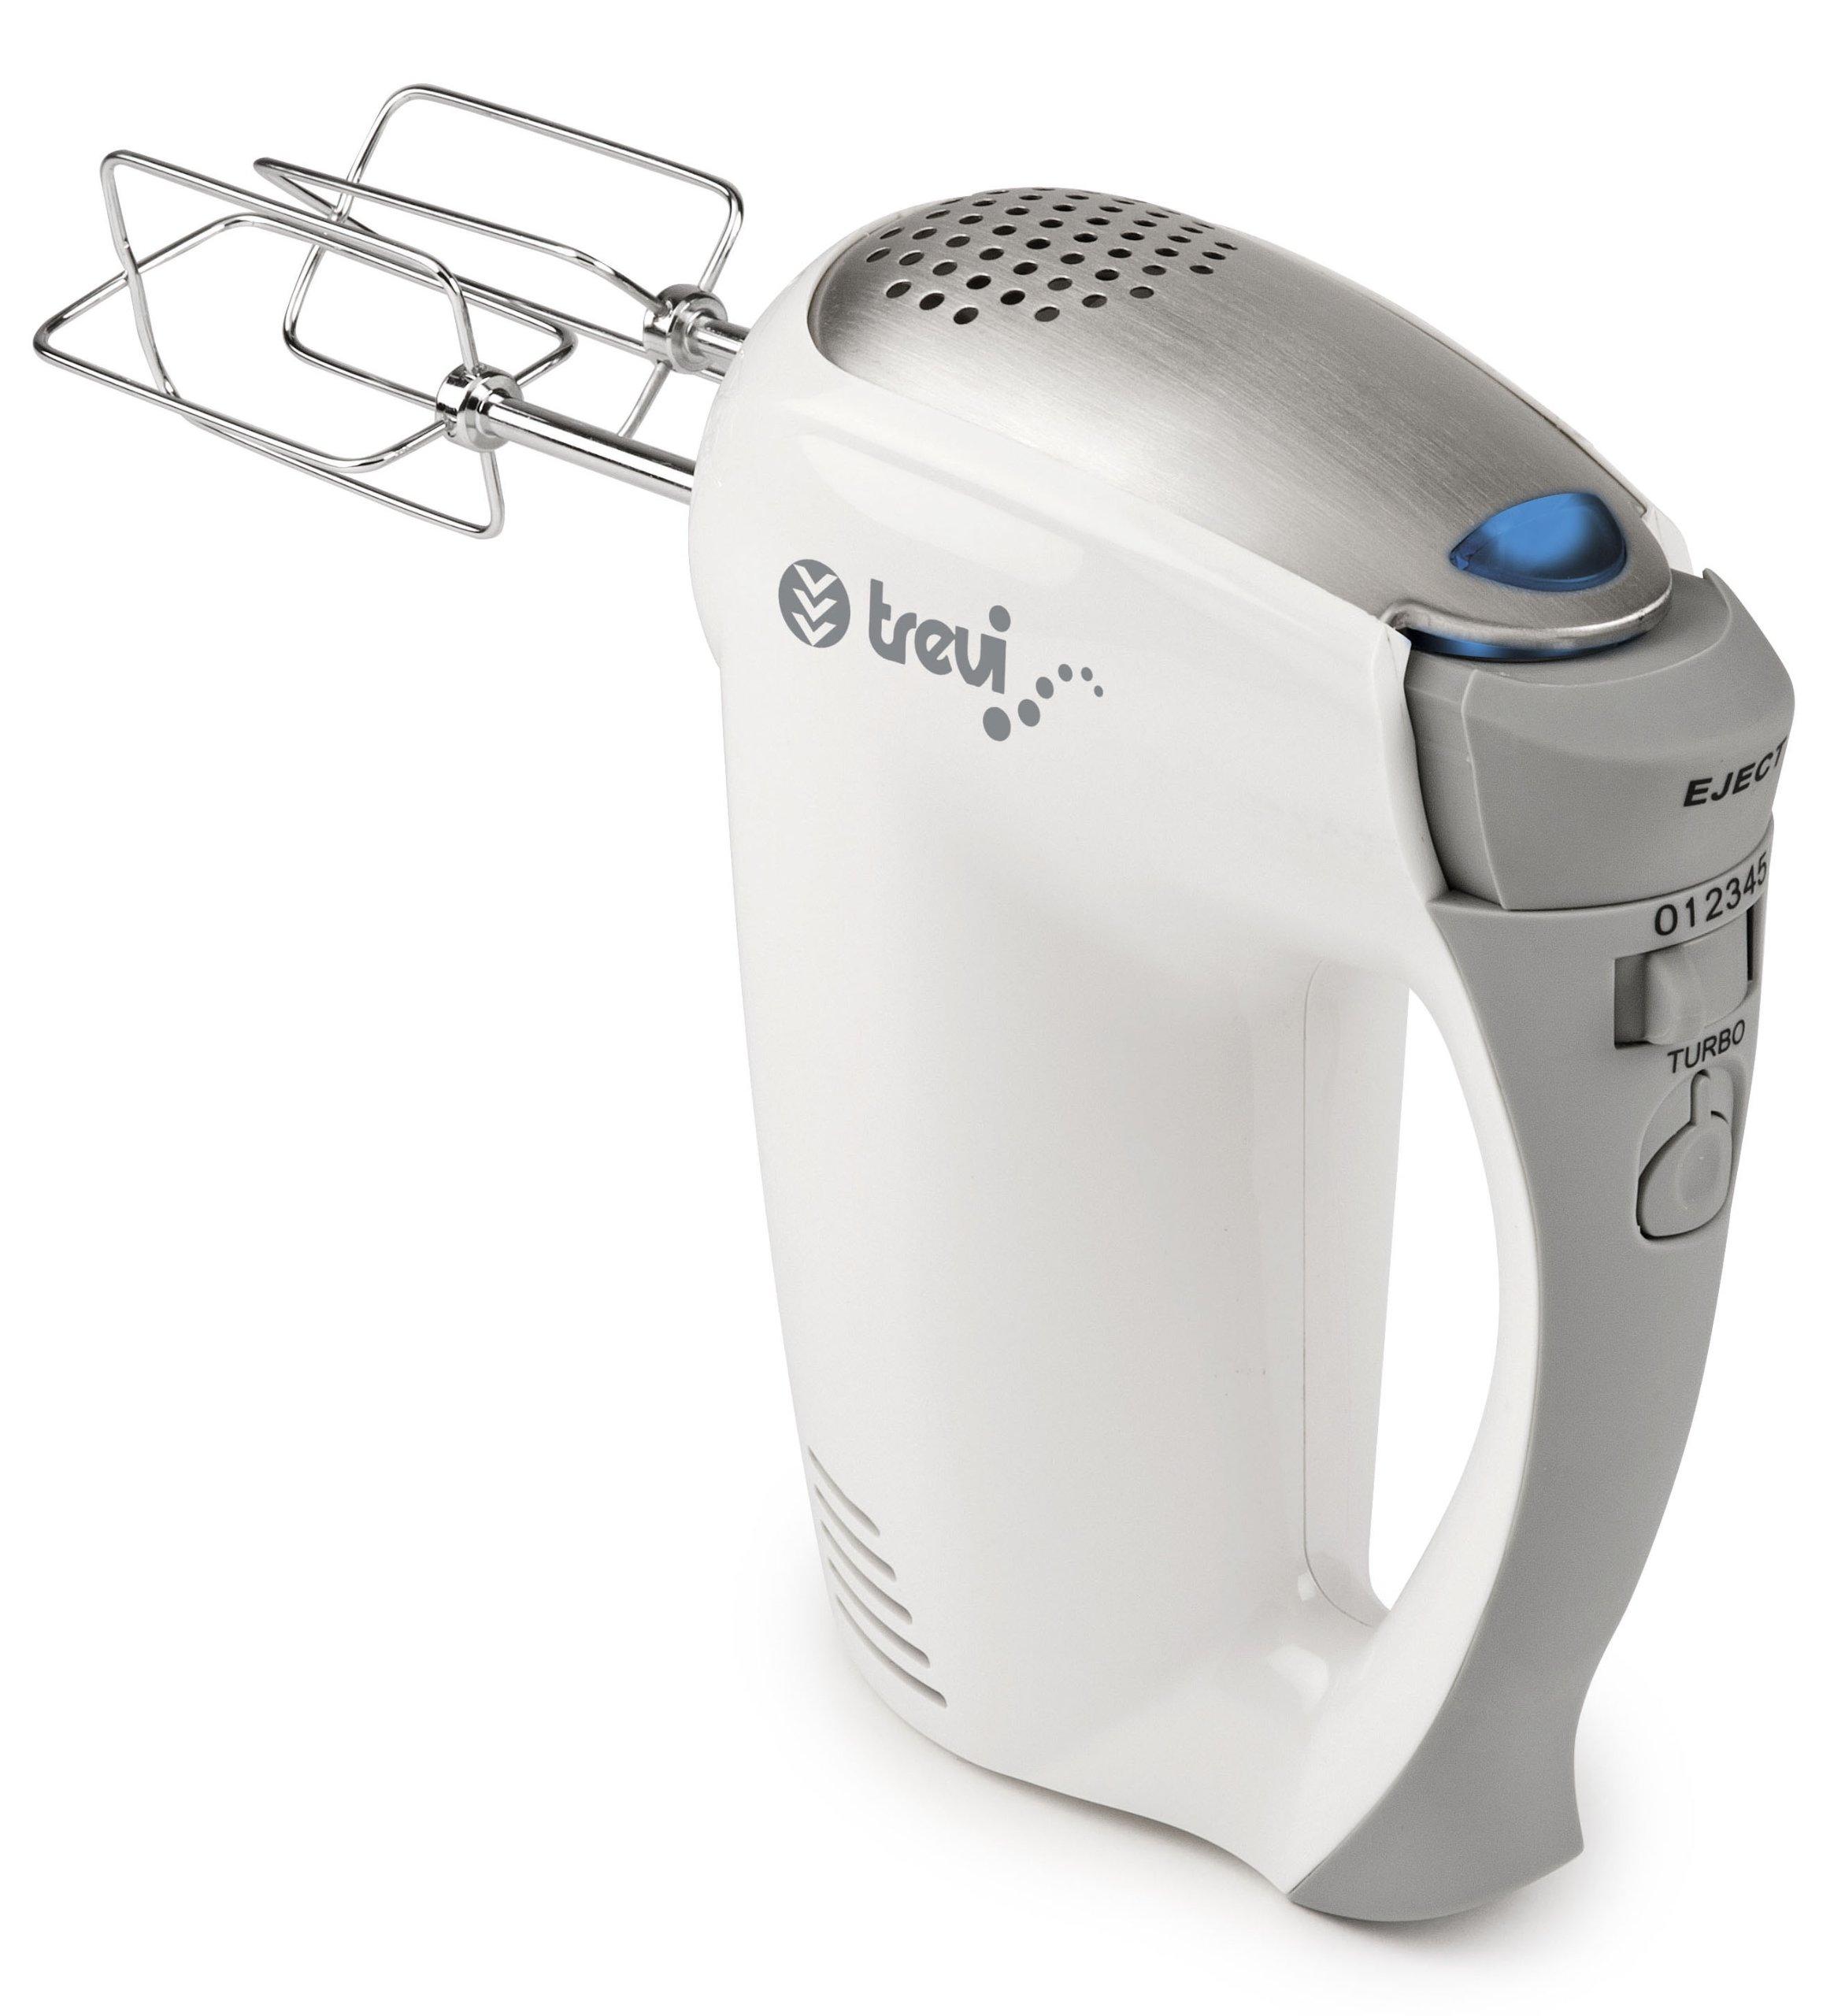 Sbattitore professionale Star 400 W Trevidea Elettrico Con fruste Frusta cucina